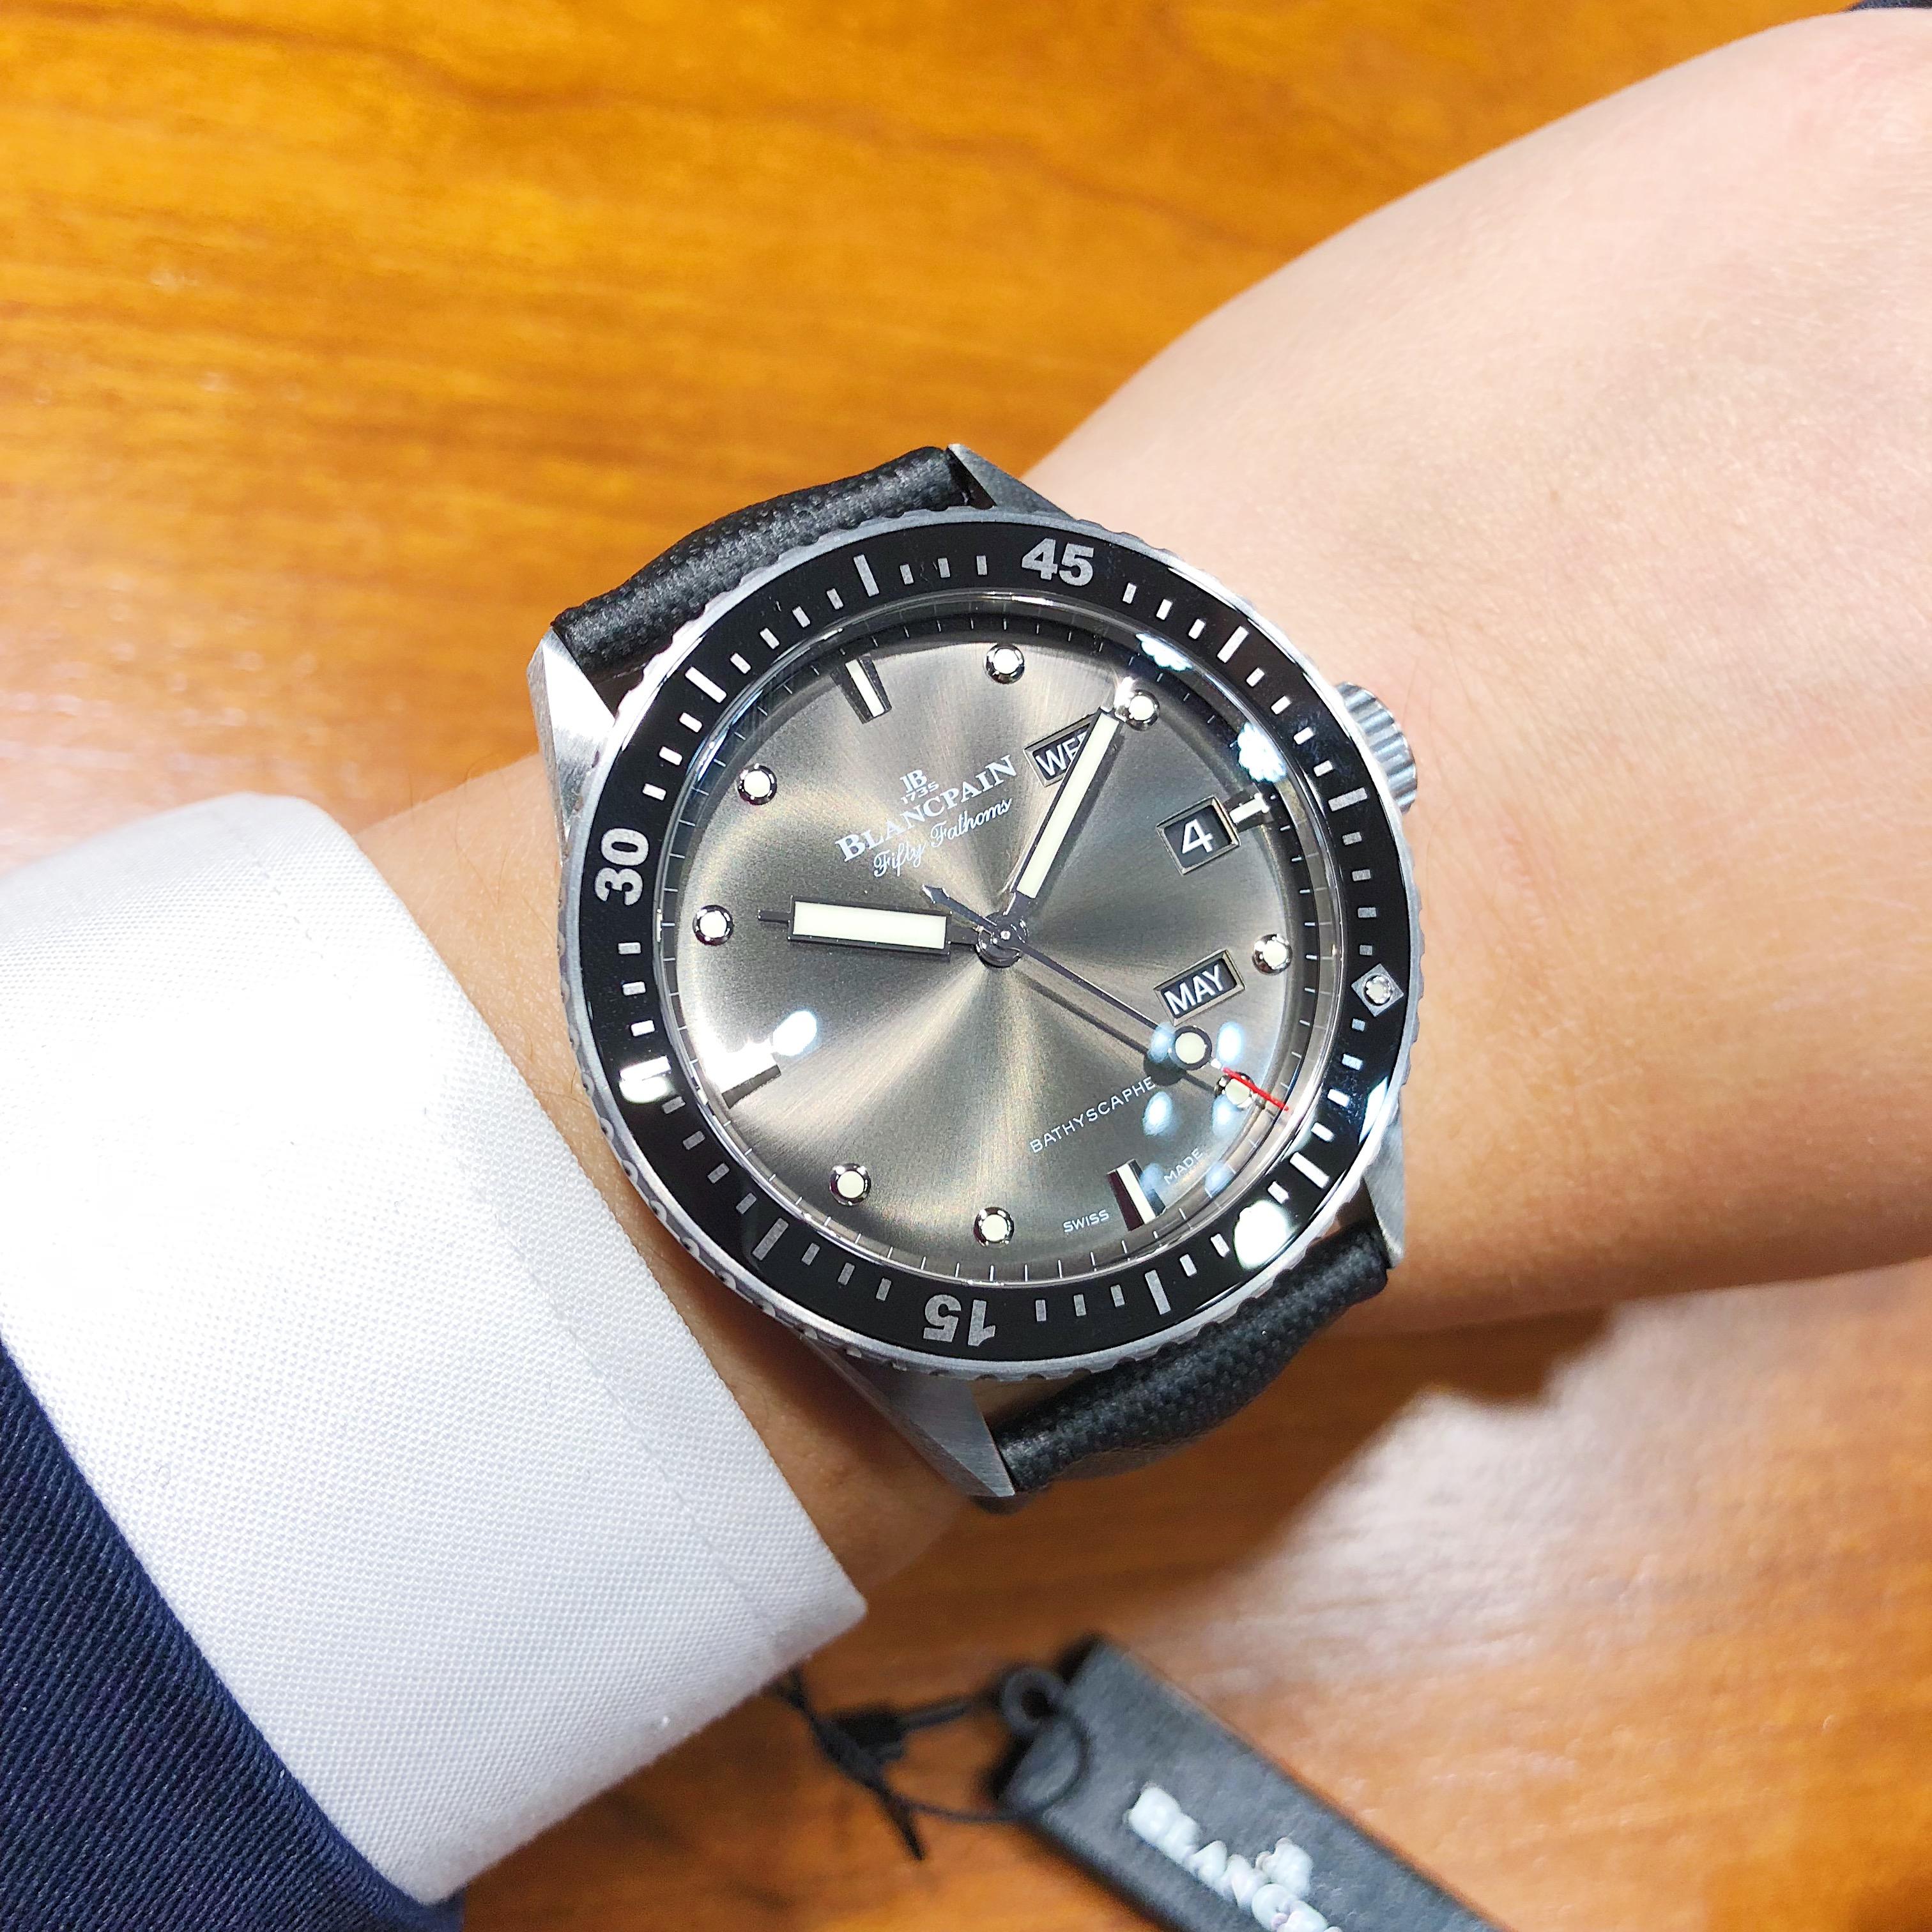 宝珀五十�x系列深潜器Bathyscaphe年历腕表